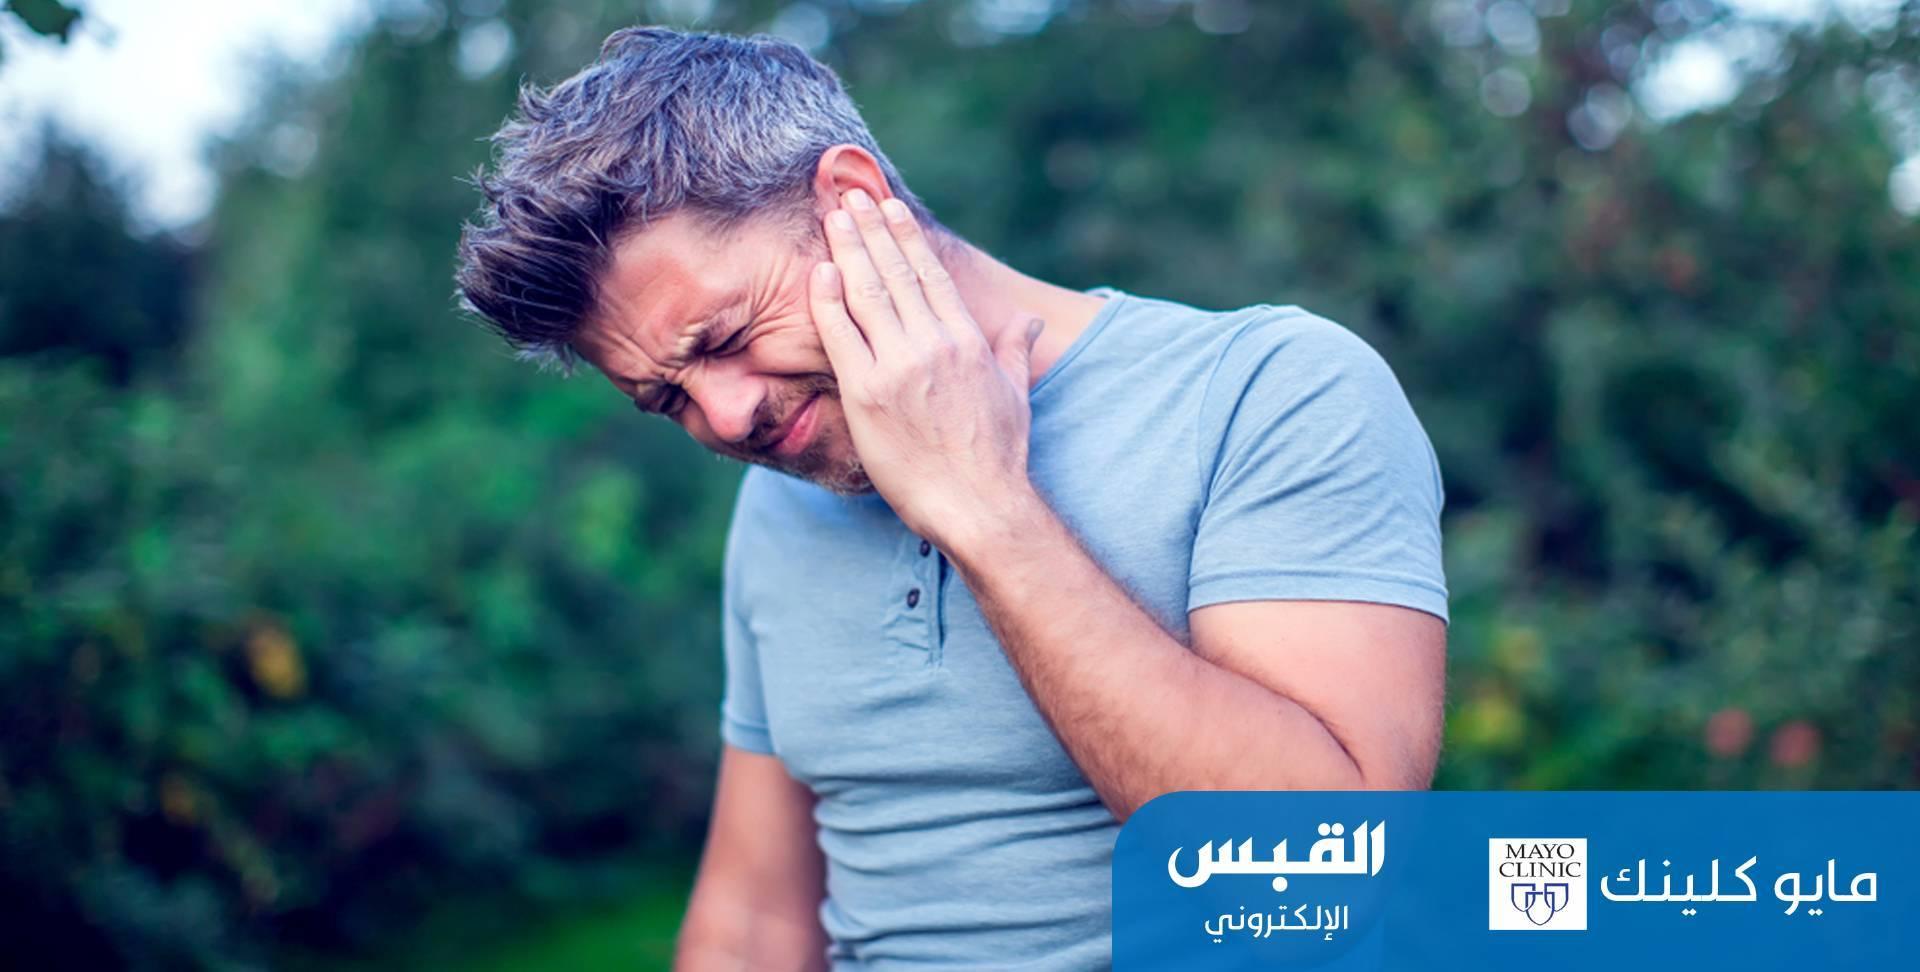 الدوار وضعف في السمع.. أبرز أعراض انسداد الأذنين